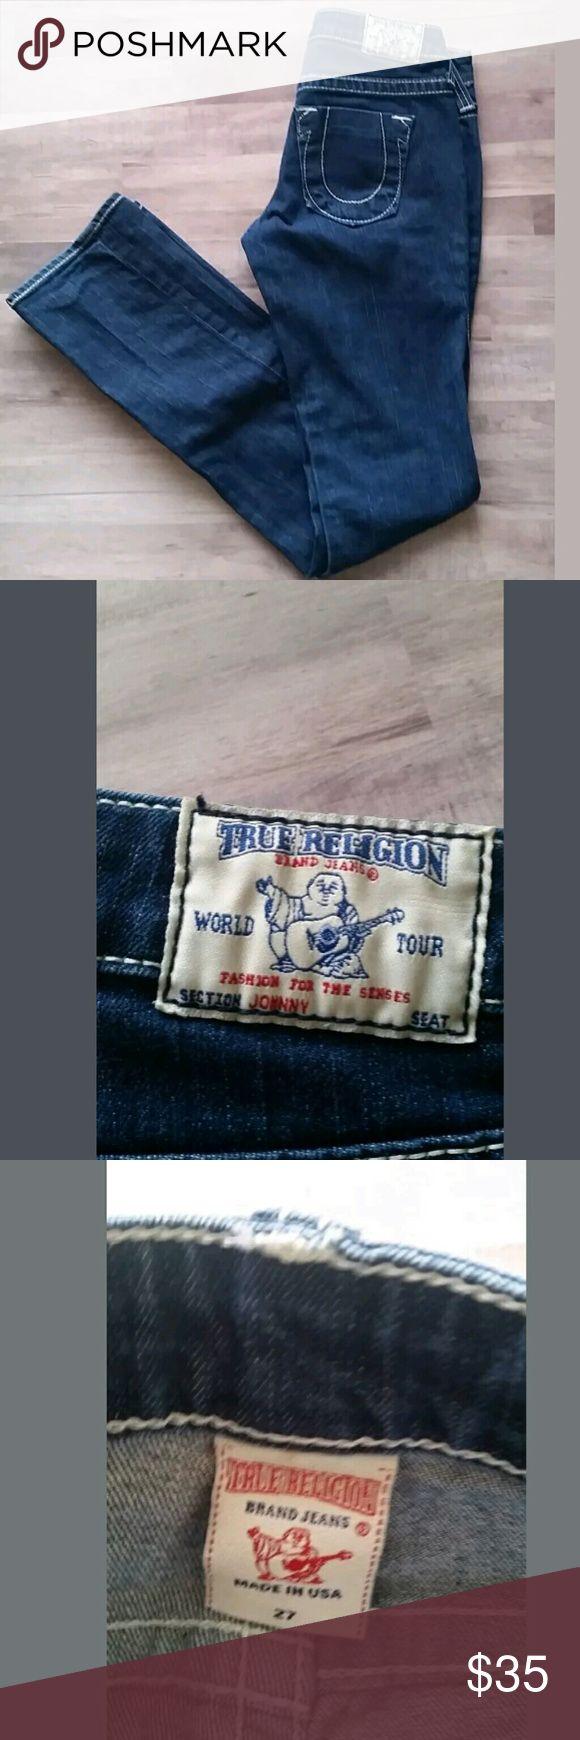 """True Religion Johnny Dark Wash Jeans Size 27 (95) True Religion Johnny Dark Wash Jeans Size 27 (95) In great condition, no holes or stains. Waist 14"""" Inseam 33"""" True Religion Jeans Straight Leg"""